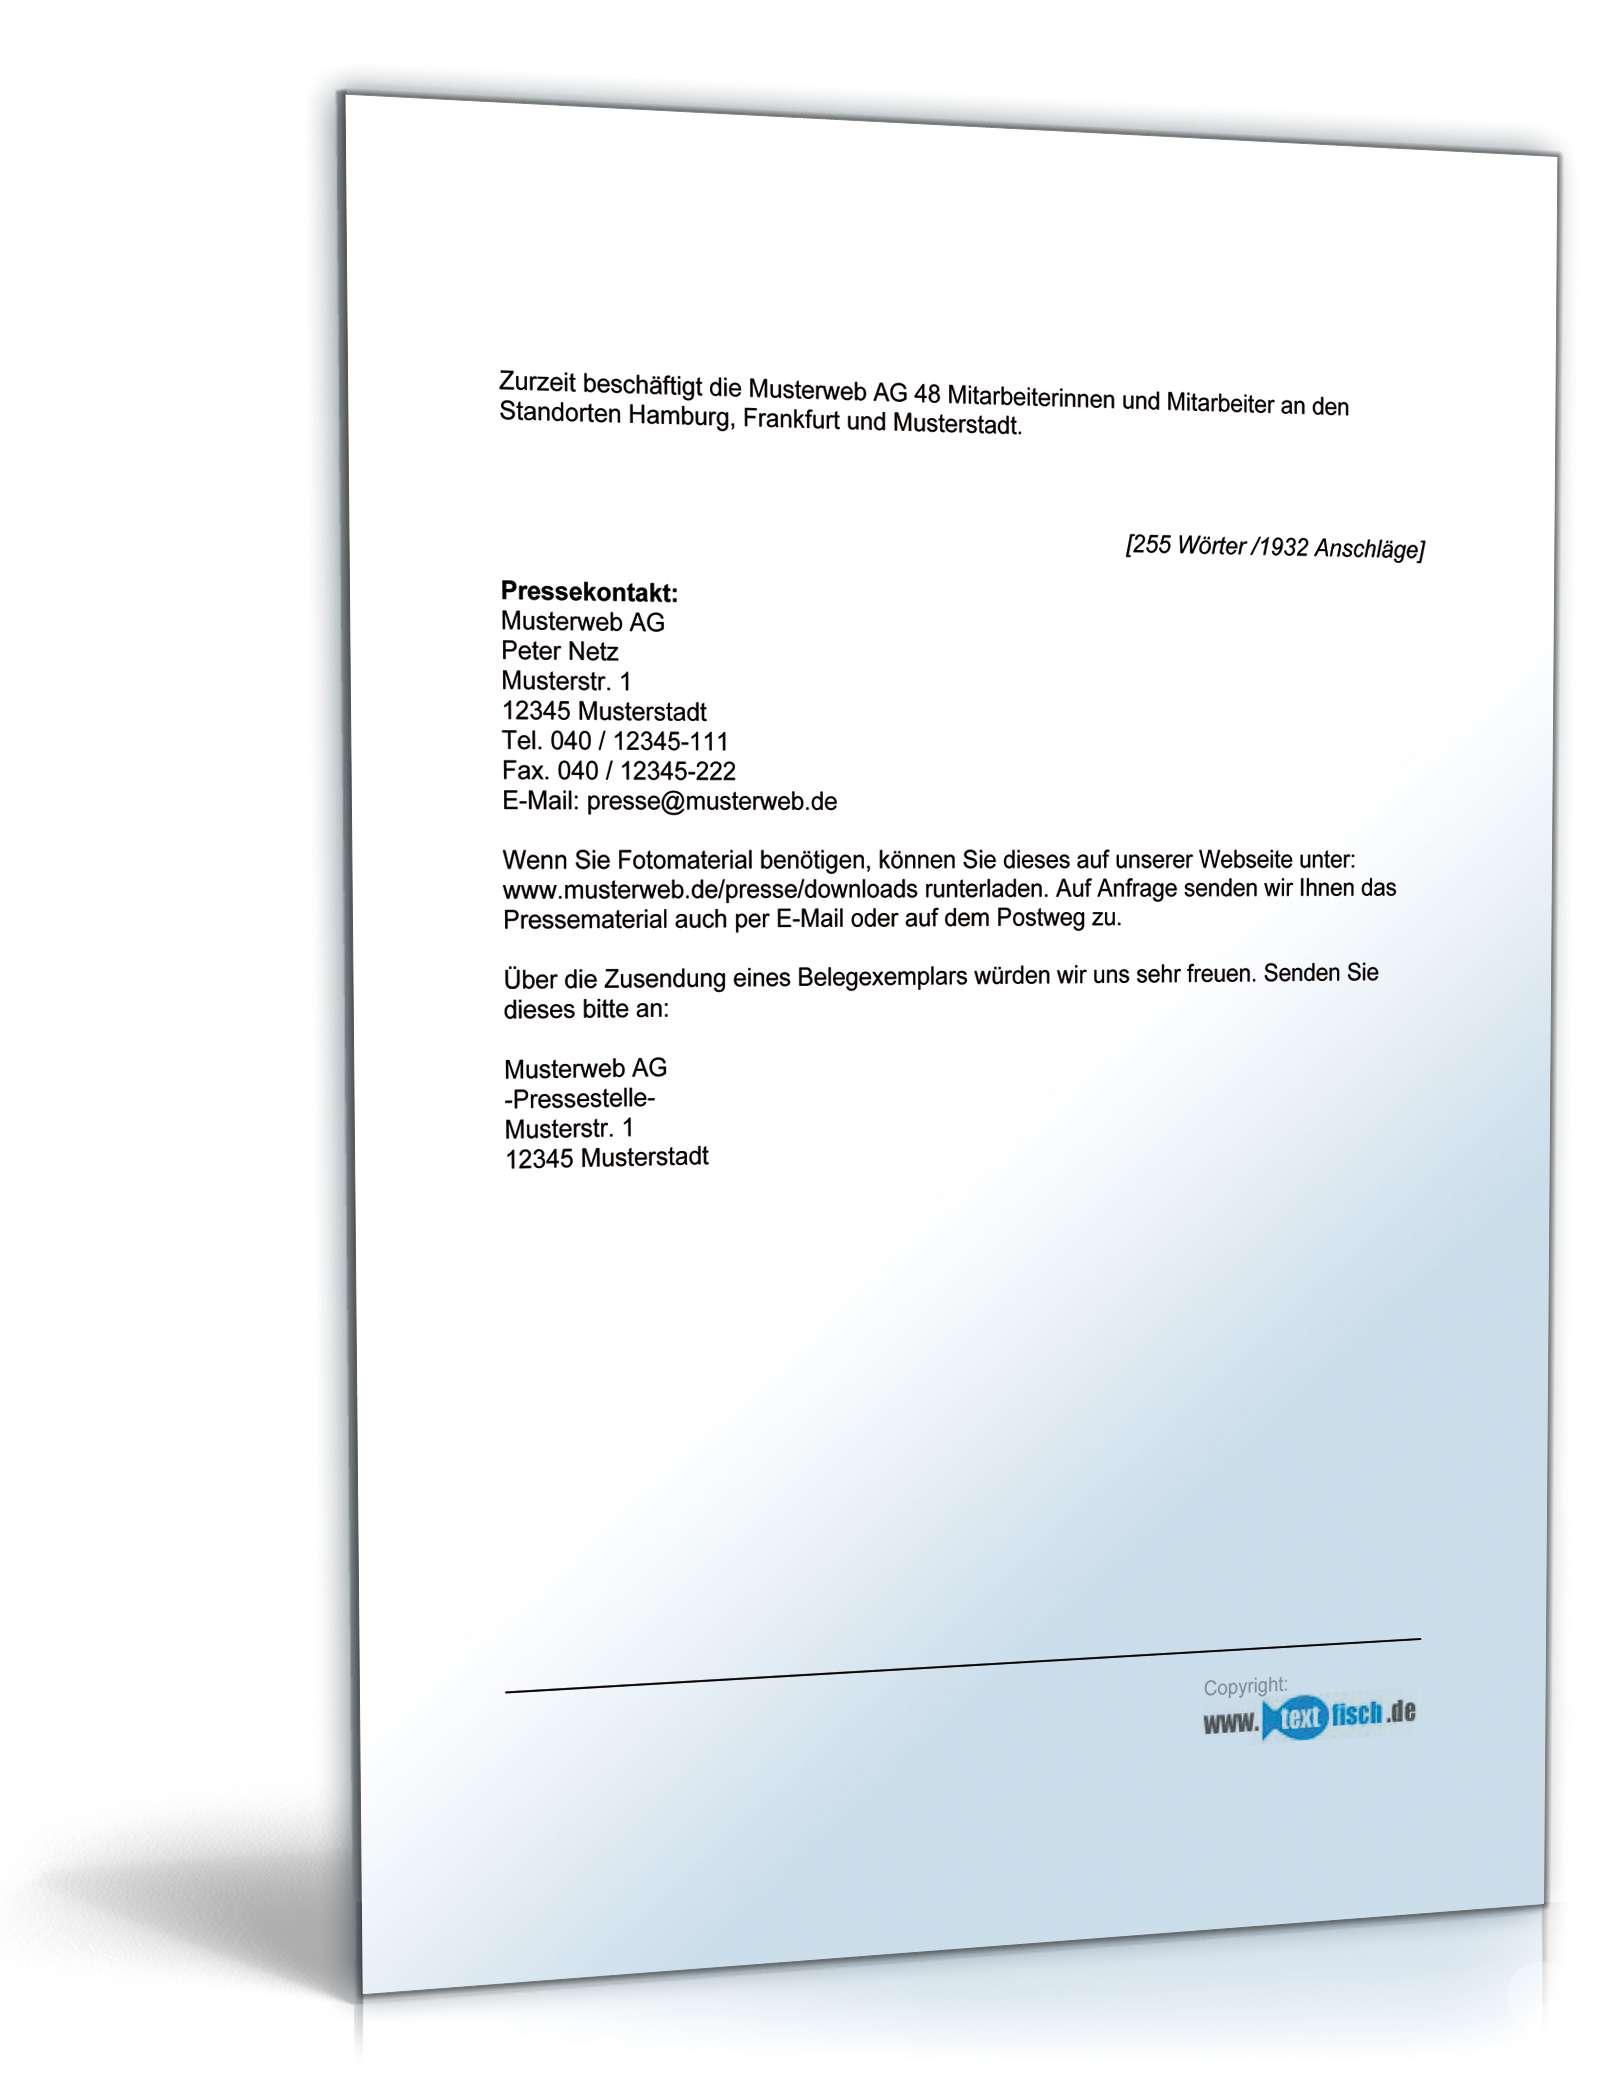 Ausgezeichnet Firmenprofil Vorlagen Wort Bilder - Beispiel Business ...